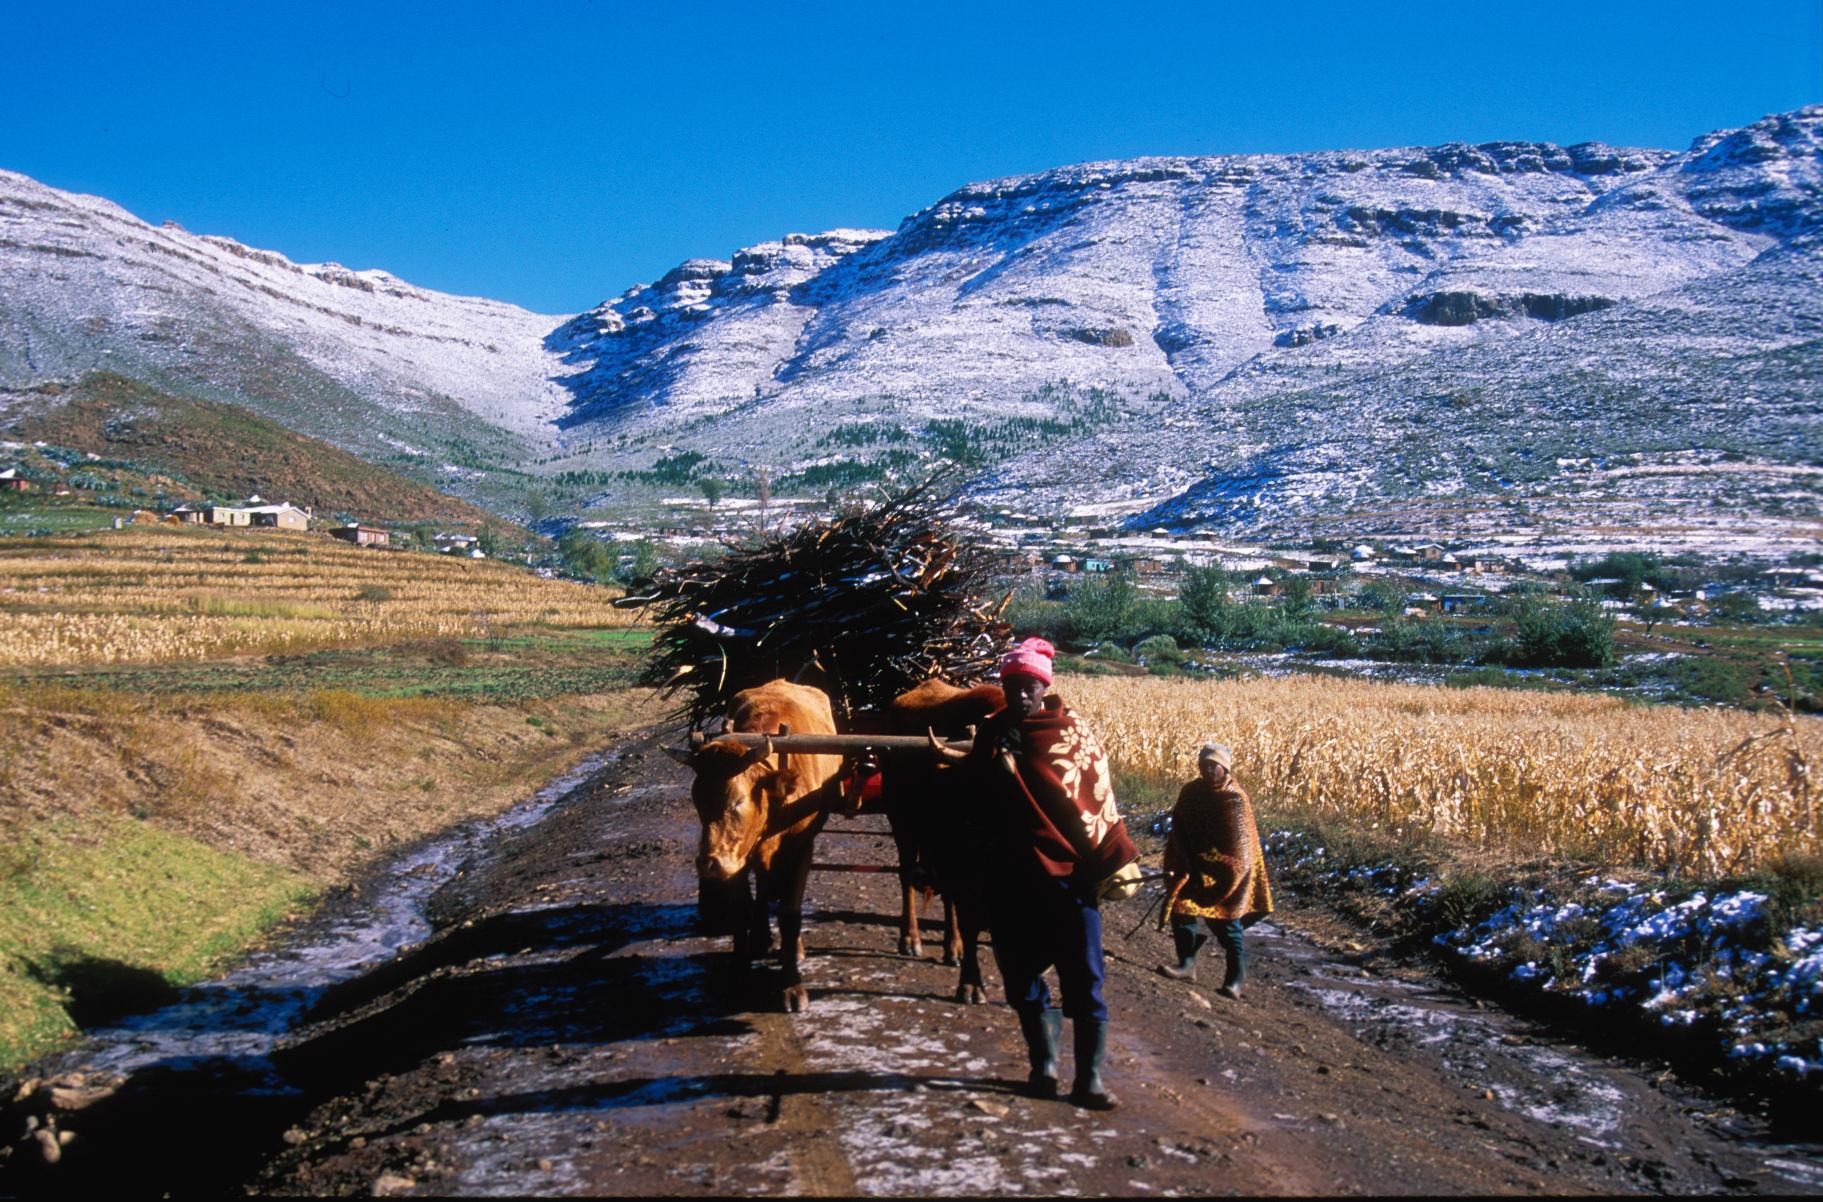 Campesino durante el invierno de Lesoto. Fotografía: Di Jones (http://bit.ly/2dGDqve)